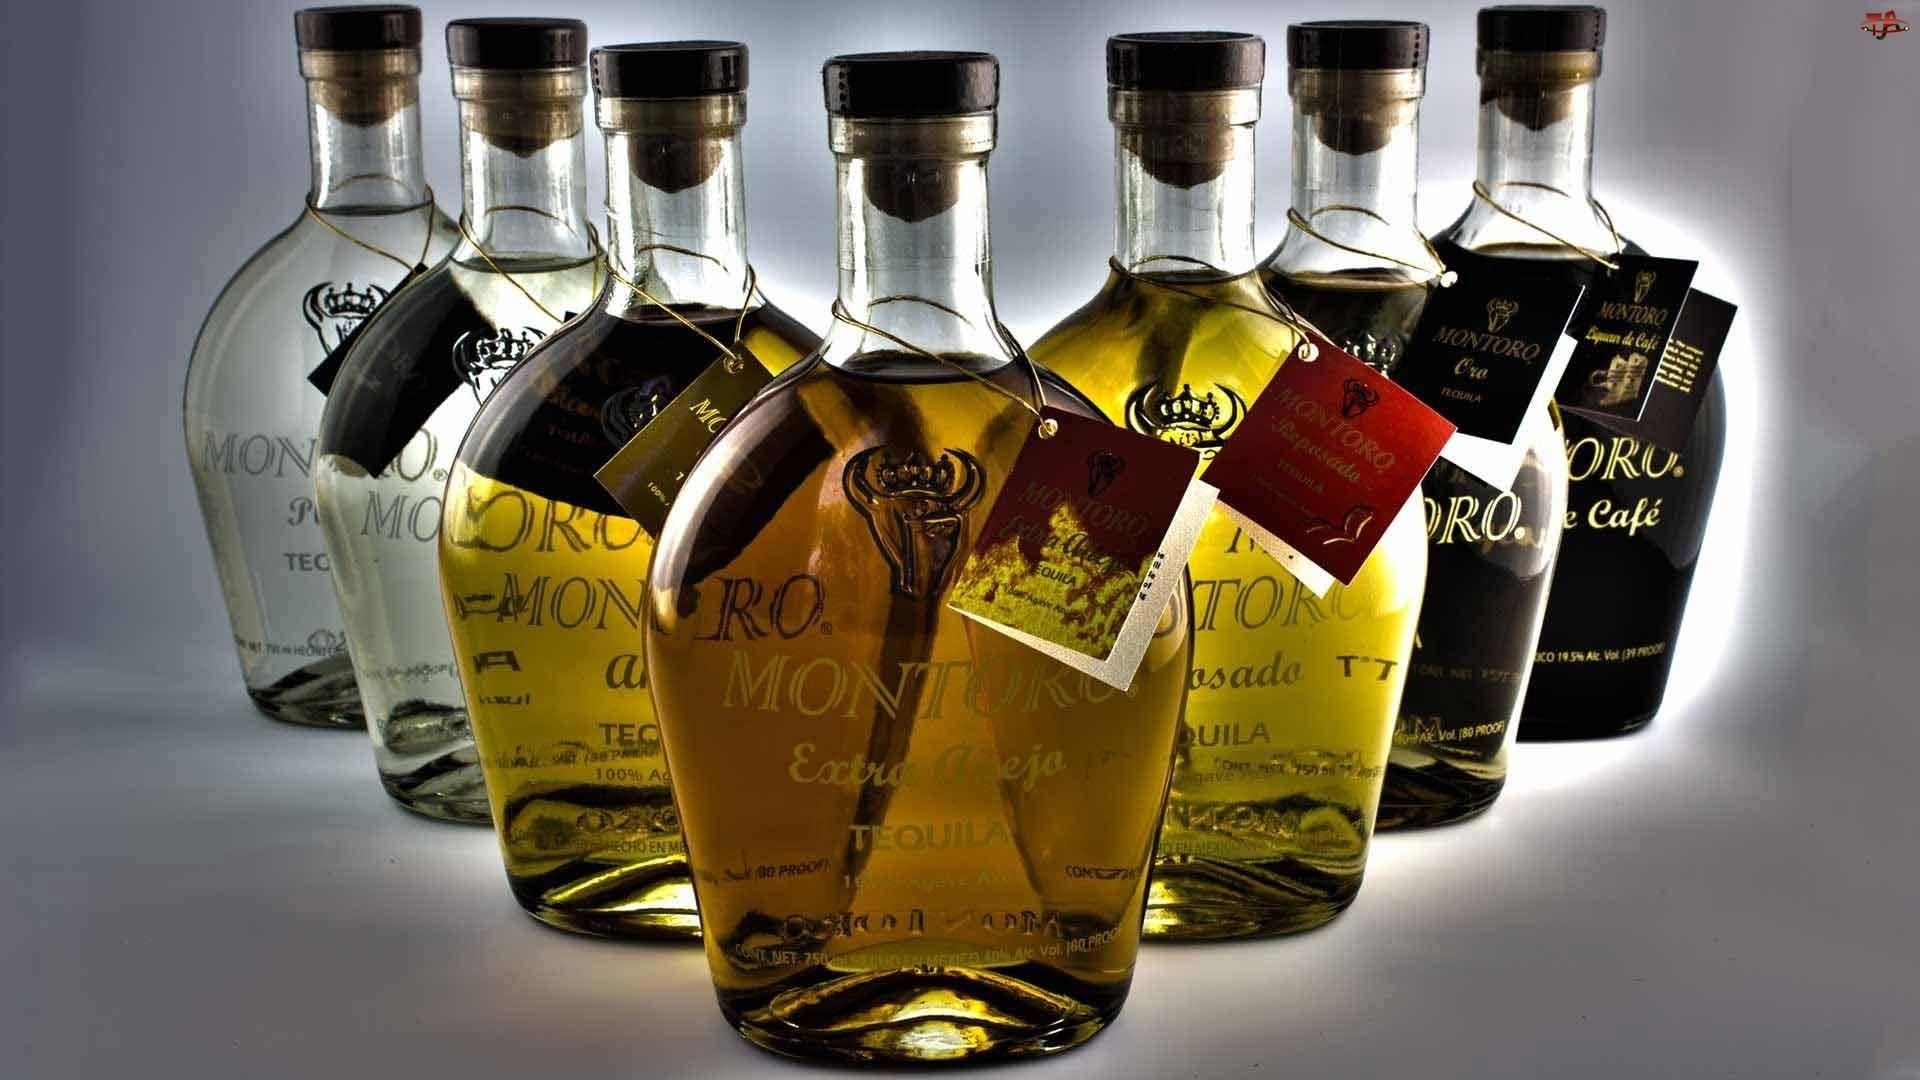 Gatunki, Tequila, Różne